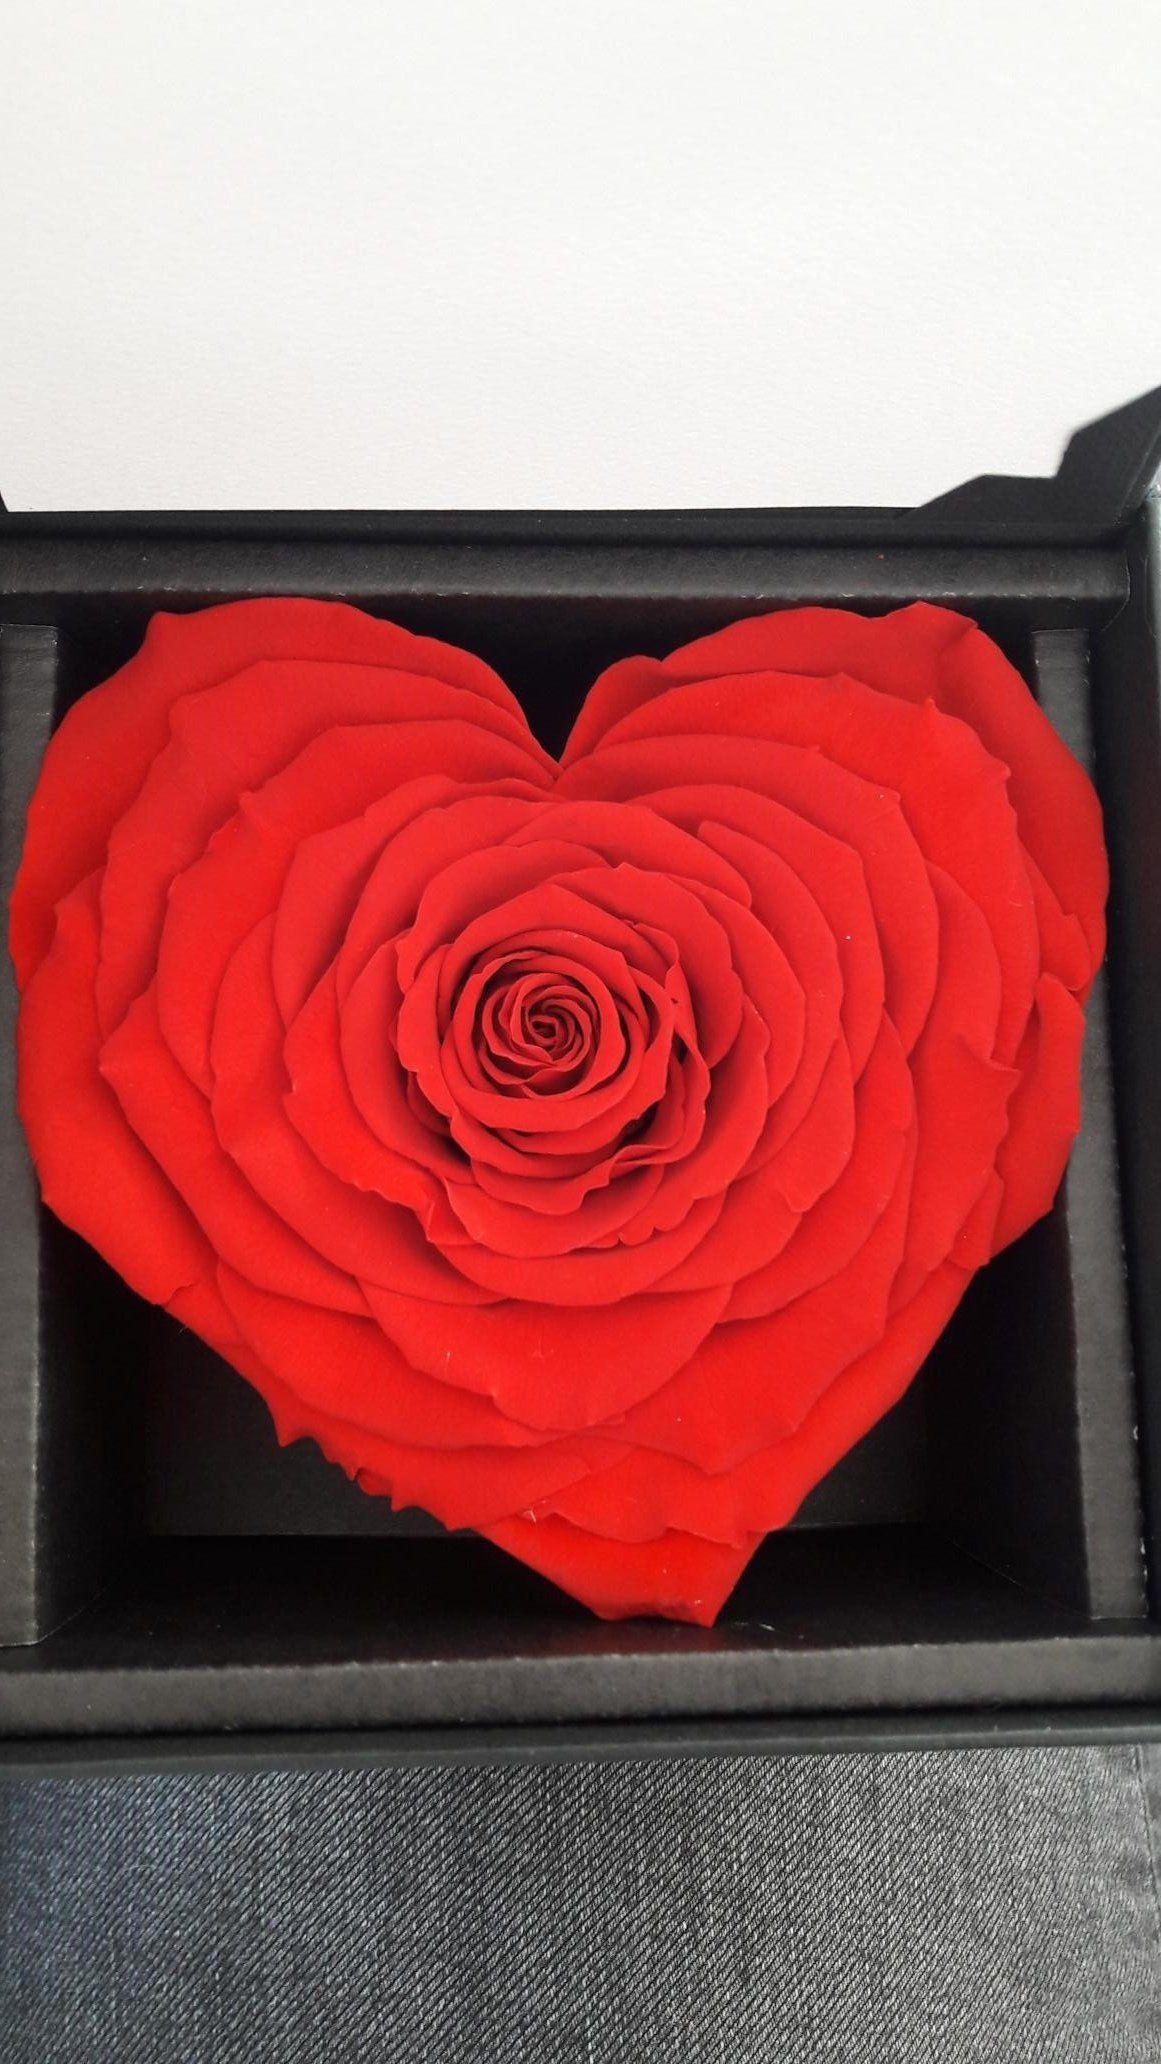 Rose Eternelle En Forme De Cœur Dans Ecrin Noir Ou Boite Ajouree